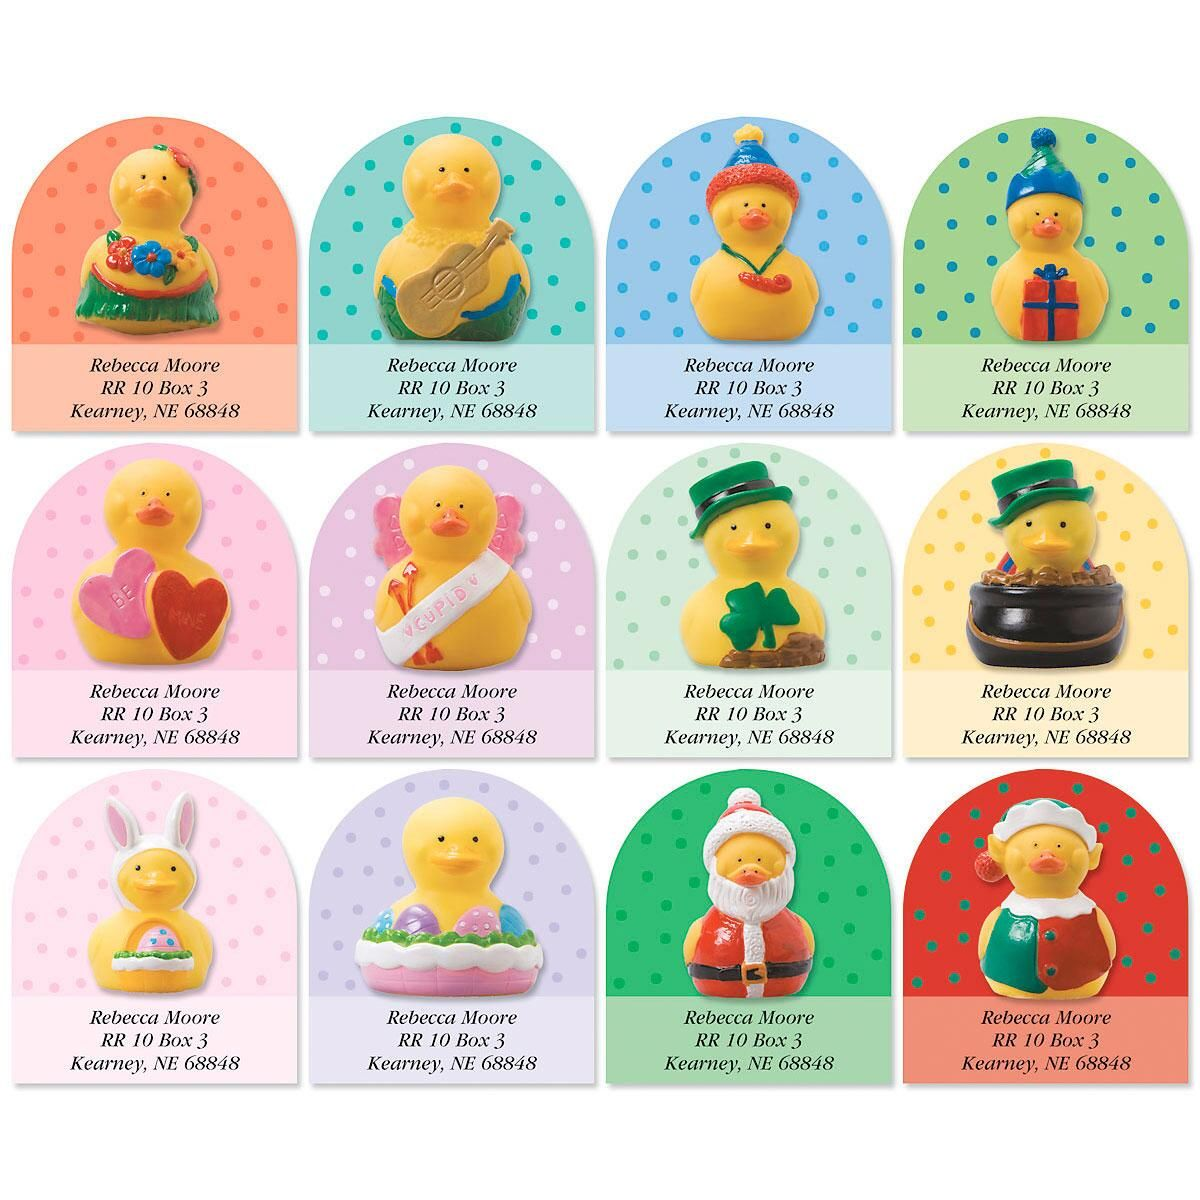 Rubber Duckies Year-Round Diecut Address Labels  (12 Designs)